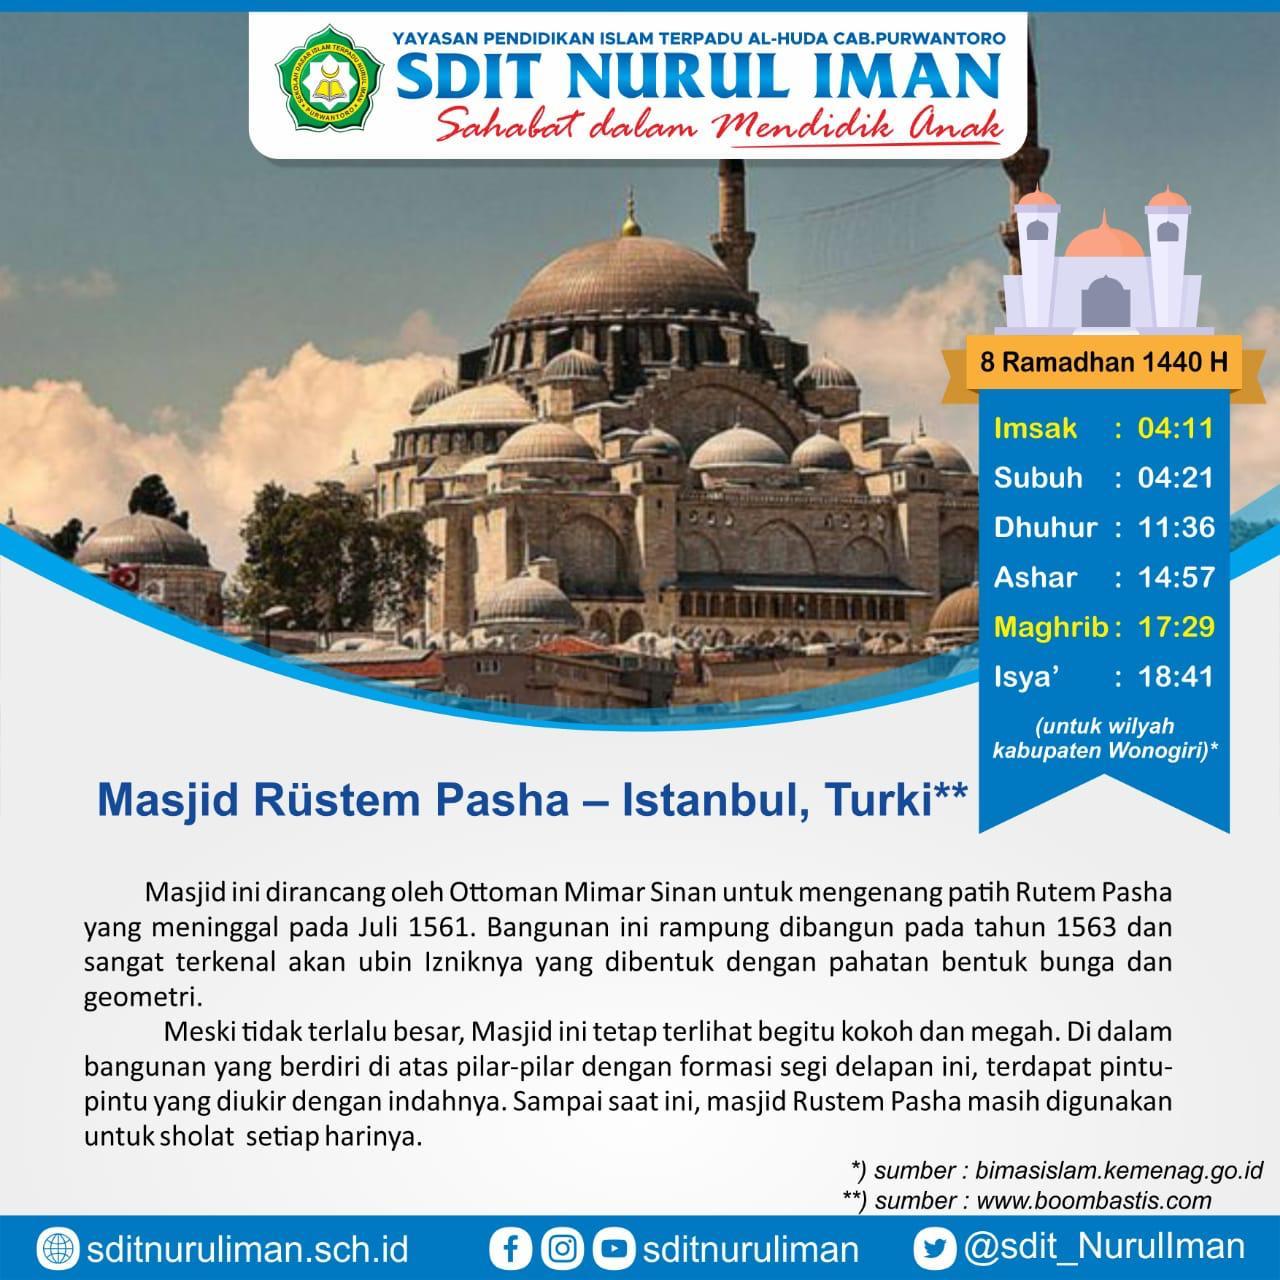 Masjid Rustem Pasha